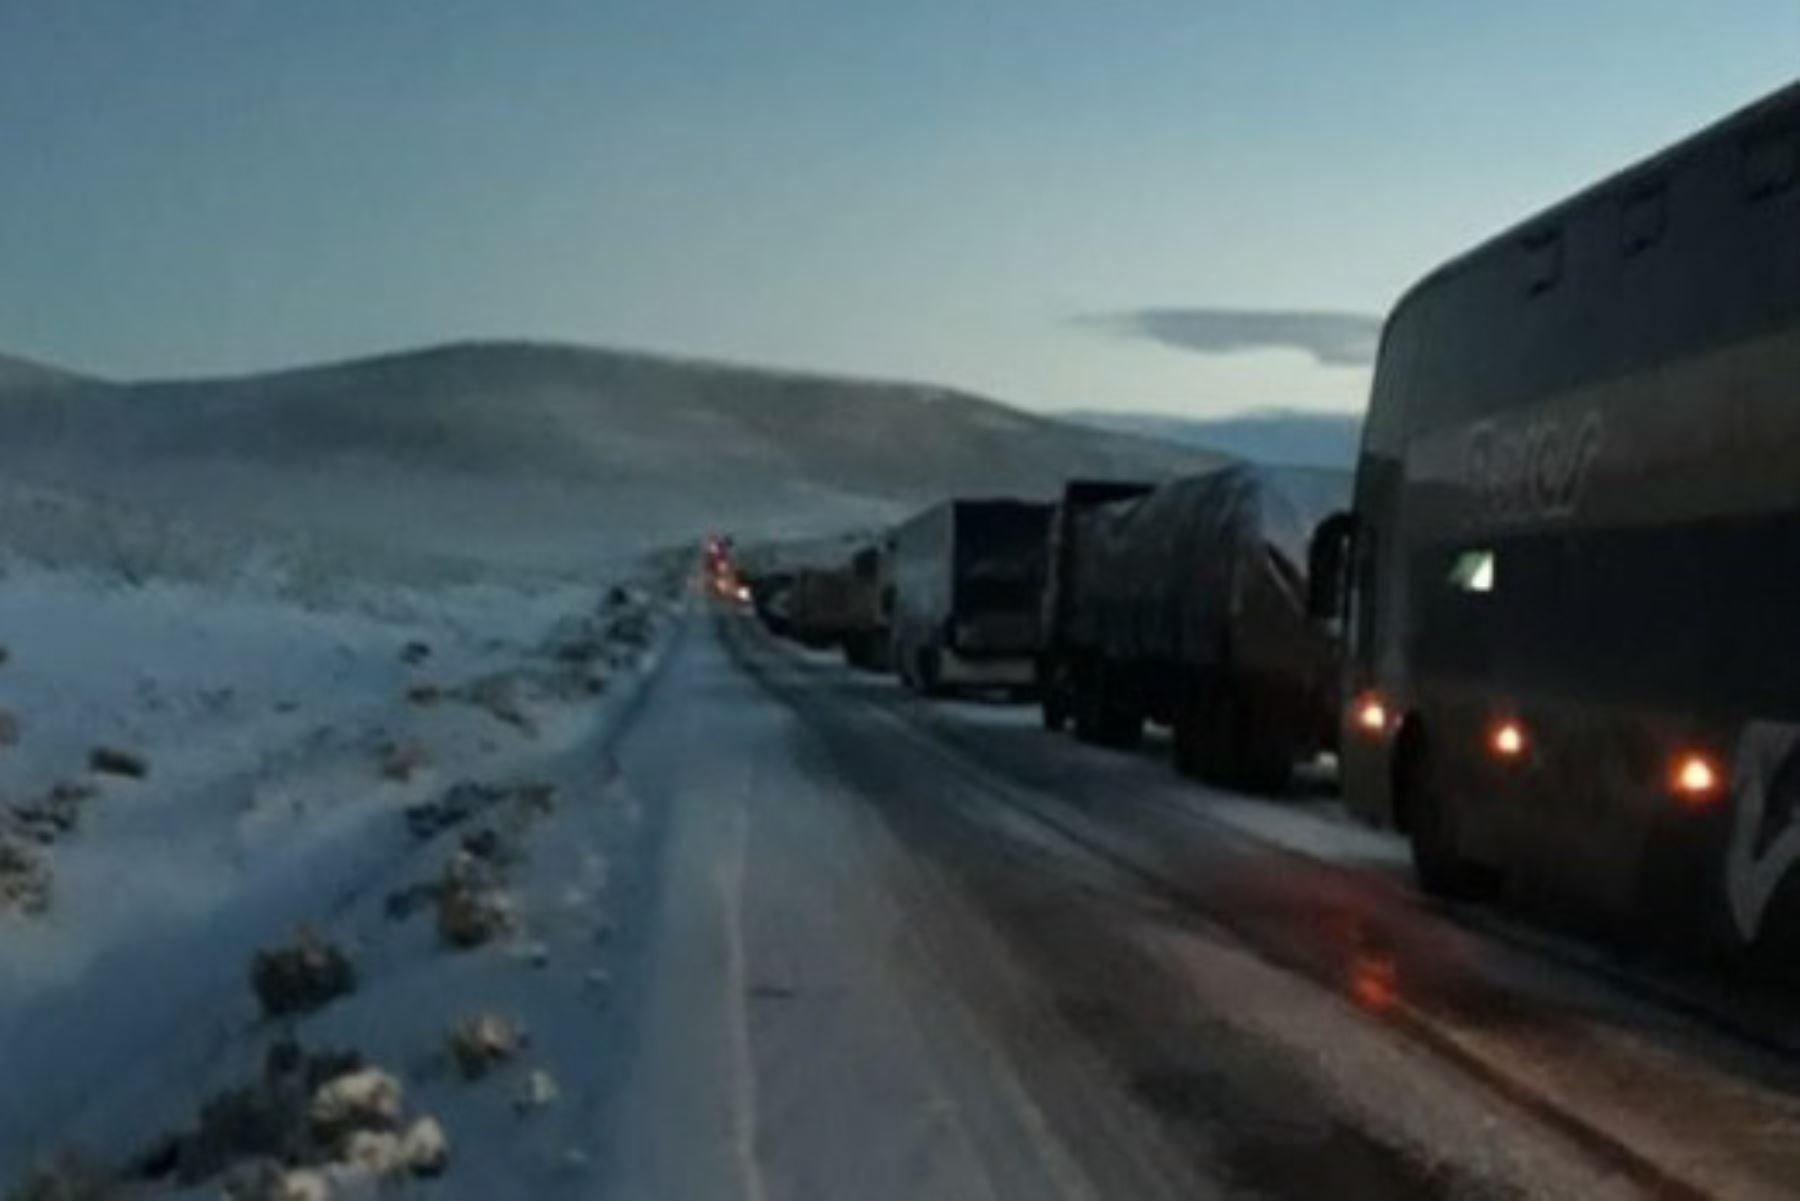 La Macroregión Policial Arequipa informó que la carretera Puno-Juliaca-Espinar fue rehabilitada para el transporte y actualmente los vehículos circulan con normalidad, luego de culminar los trabajos de limpieza de la vía que fue afectada por la presencia de nevadas.